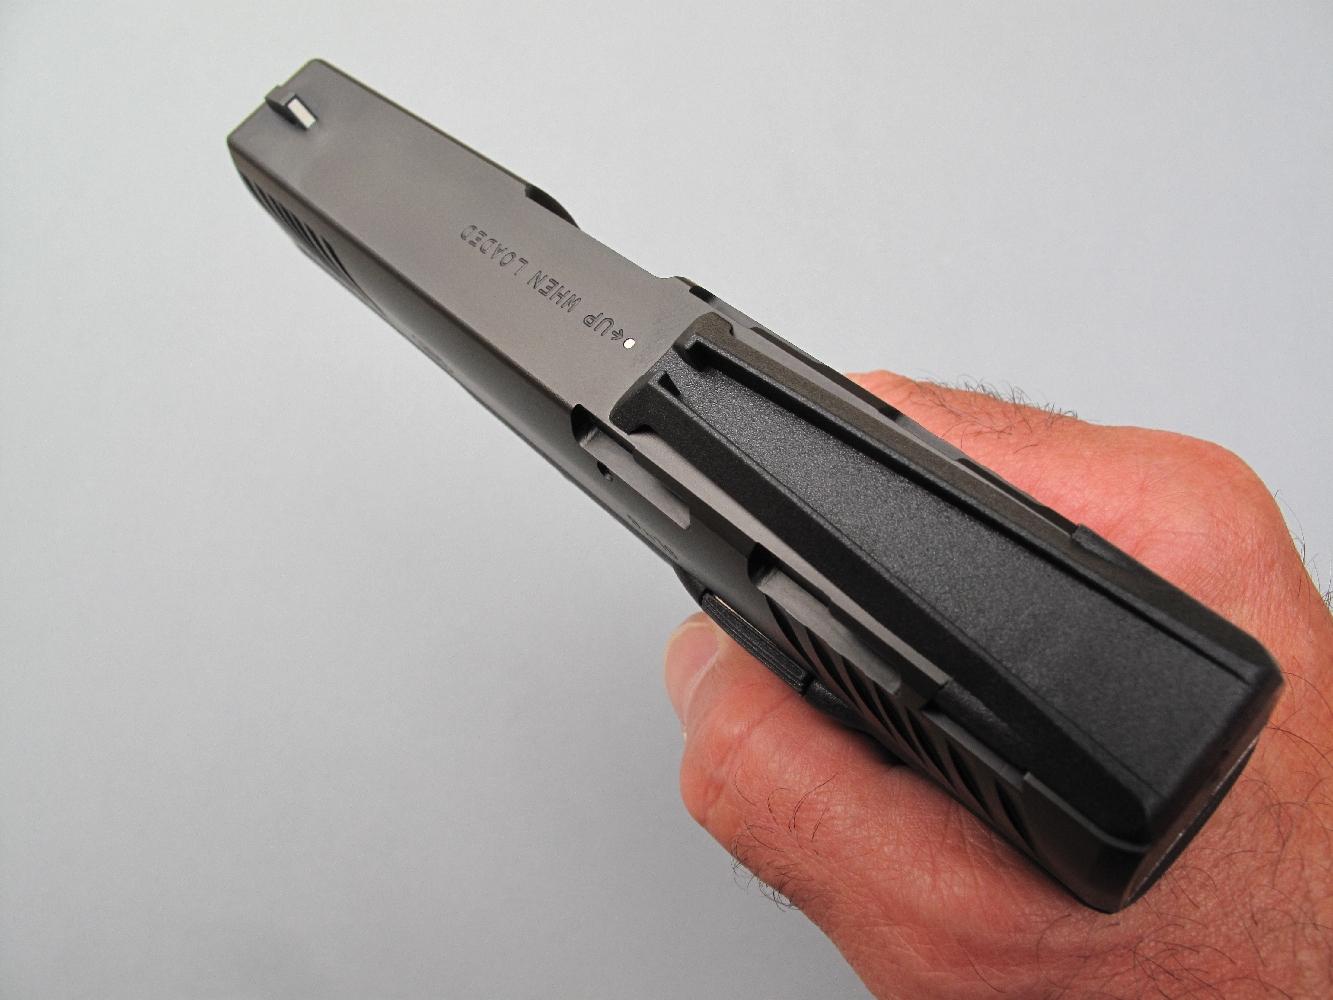 Ce pistolet dispose d'éléments de visée instantanément interchangeables. On remarquera tout particulièrement sa hausse « Quick Sight », qui permet d'améliorer la rapidité d'acquisition de la cible grâce à une réduction de la ligne de mire.